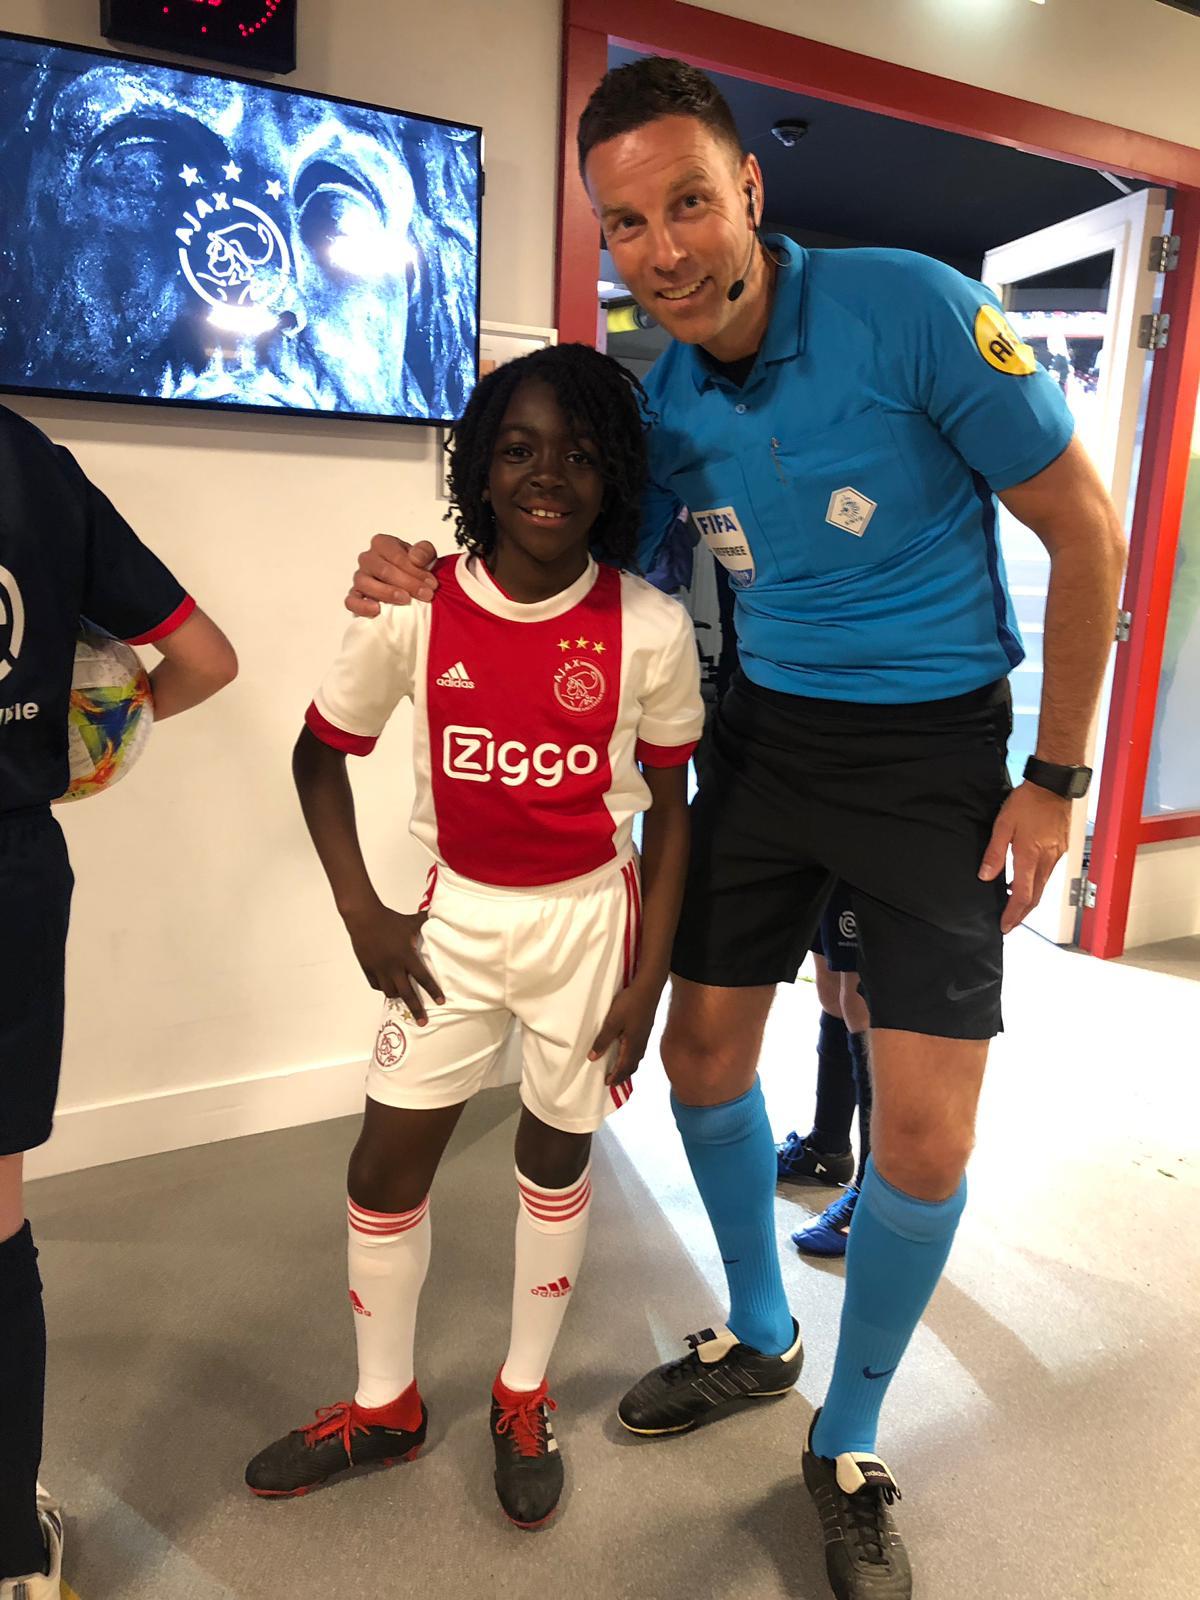 'Kind Staat Centraal'-talentje Levi houdt meer dan 3000 keer bal hoog in Arena!